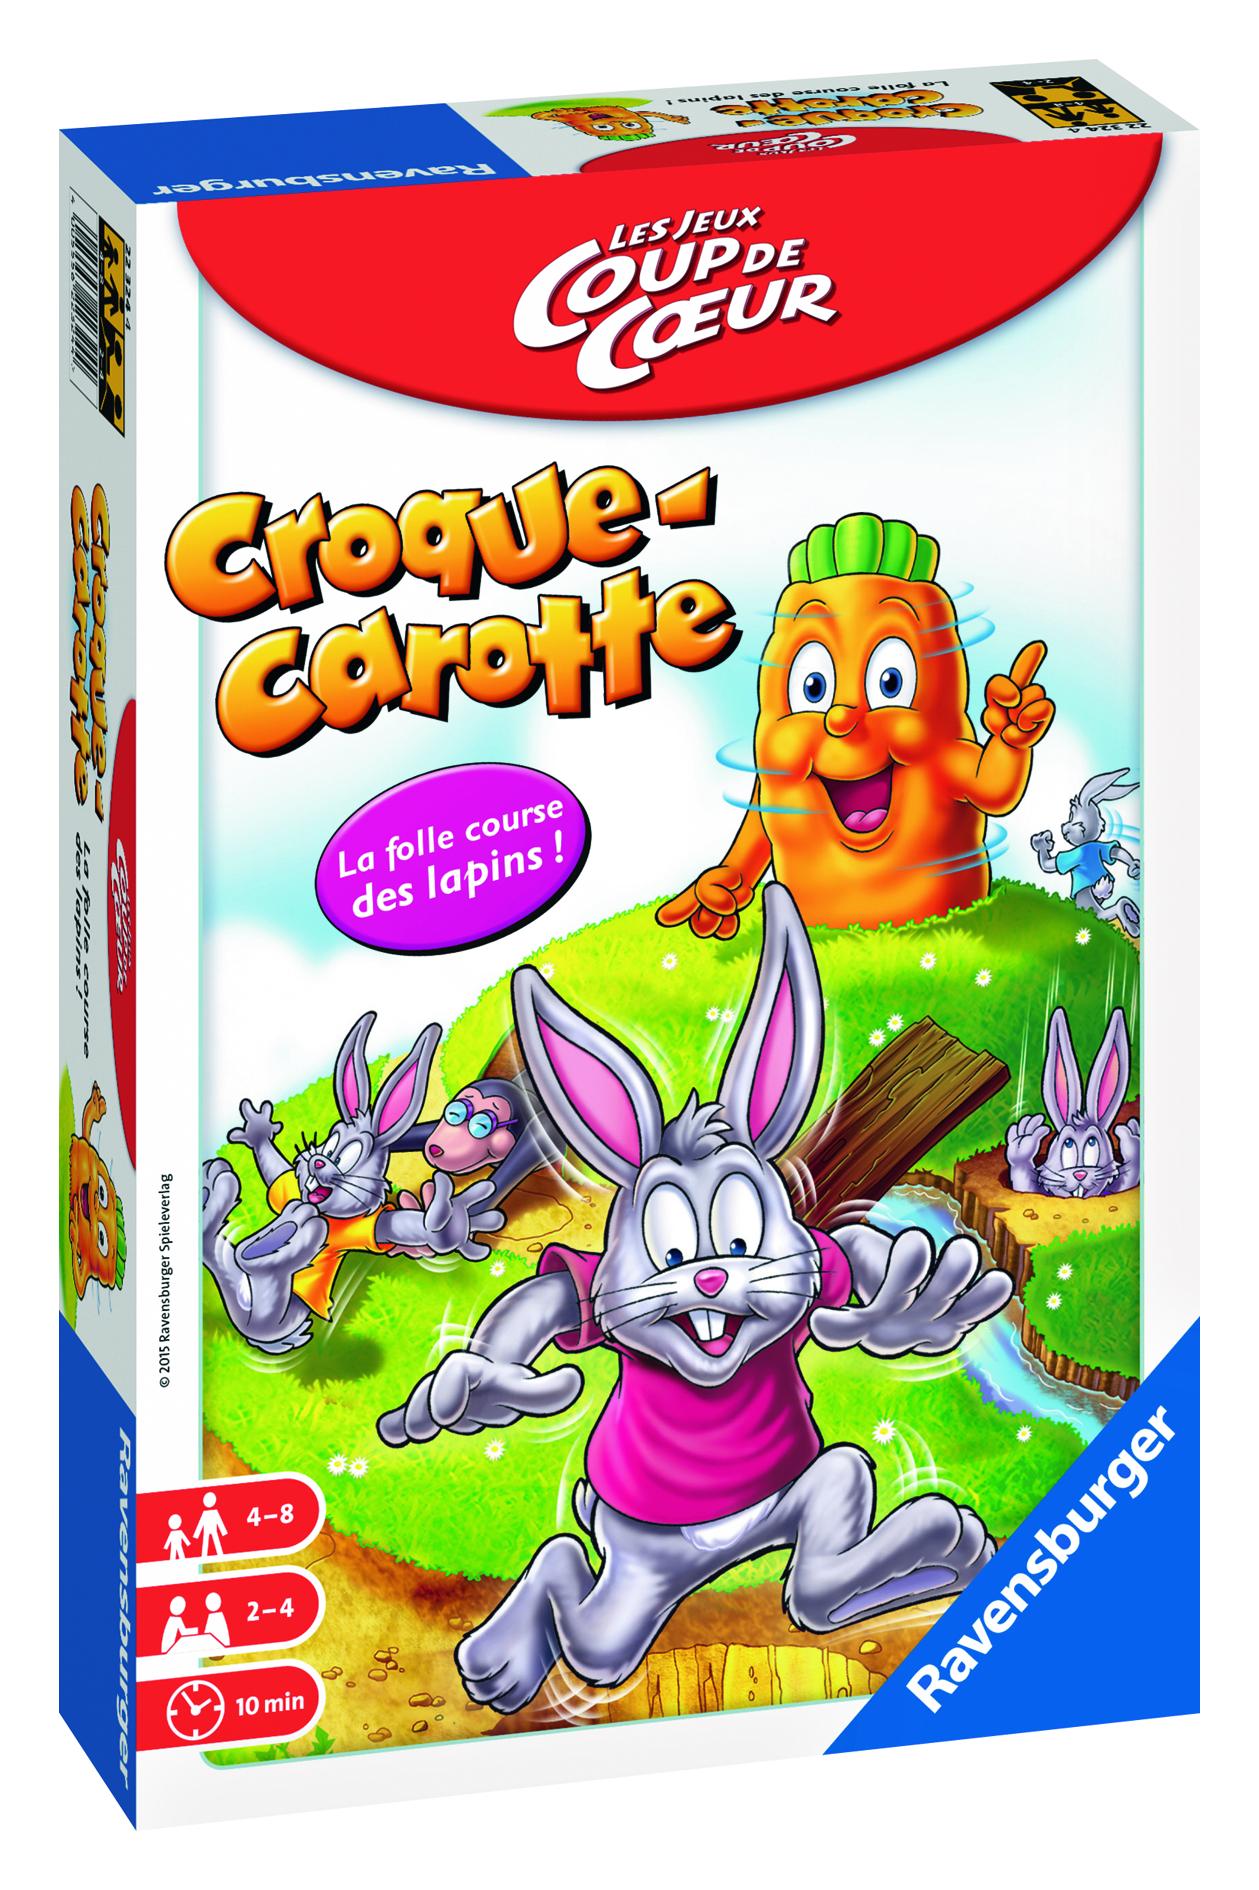 Croque-Carotte - Les Jeux Coup de Coeur - Ravensburger